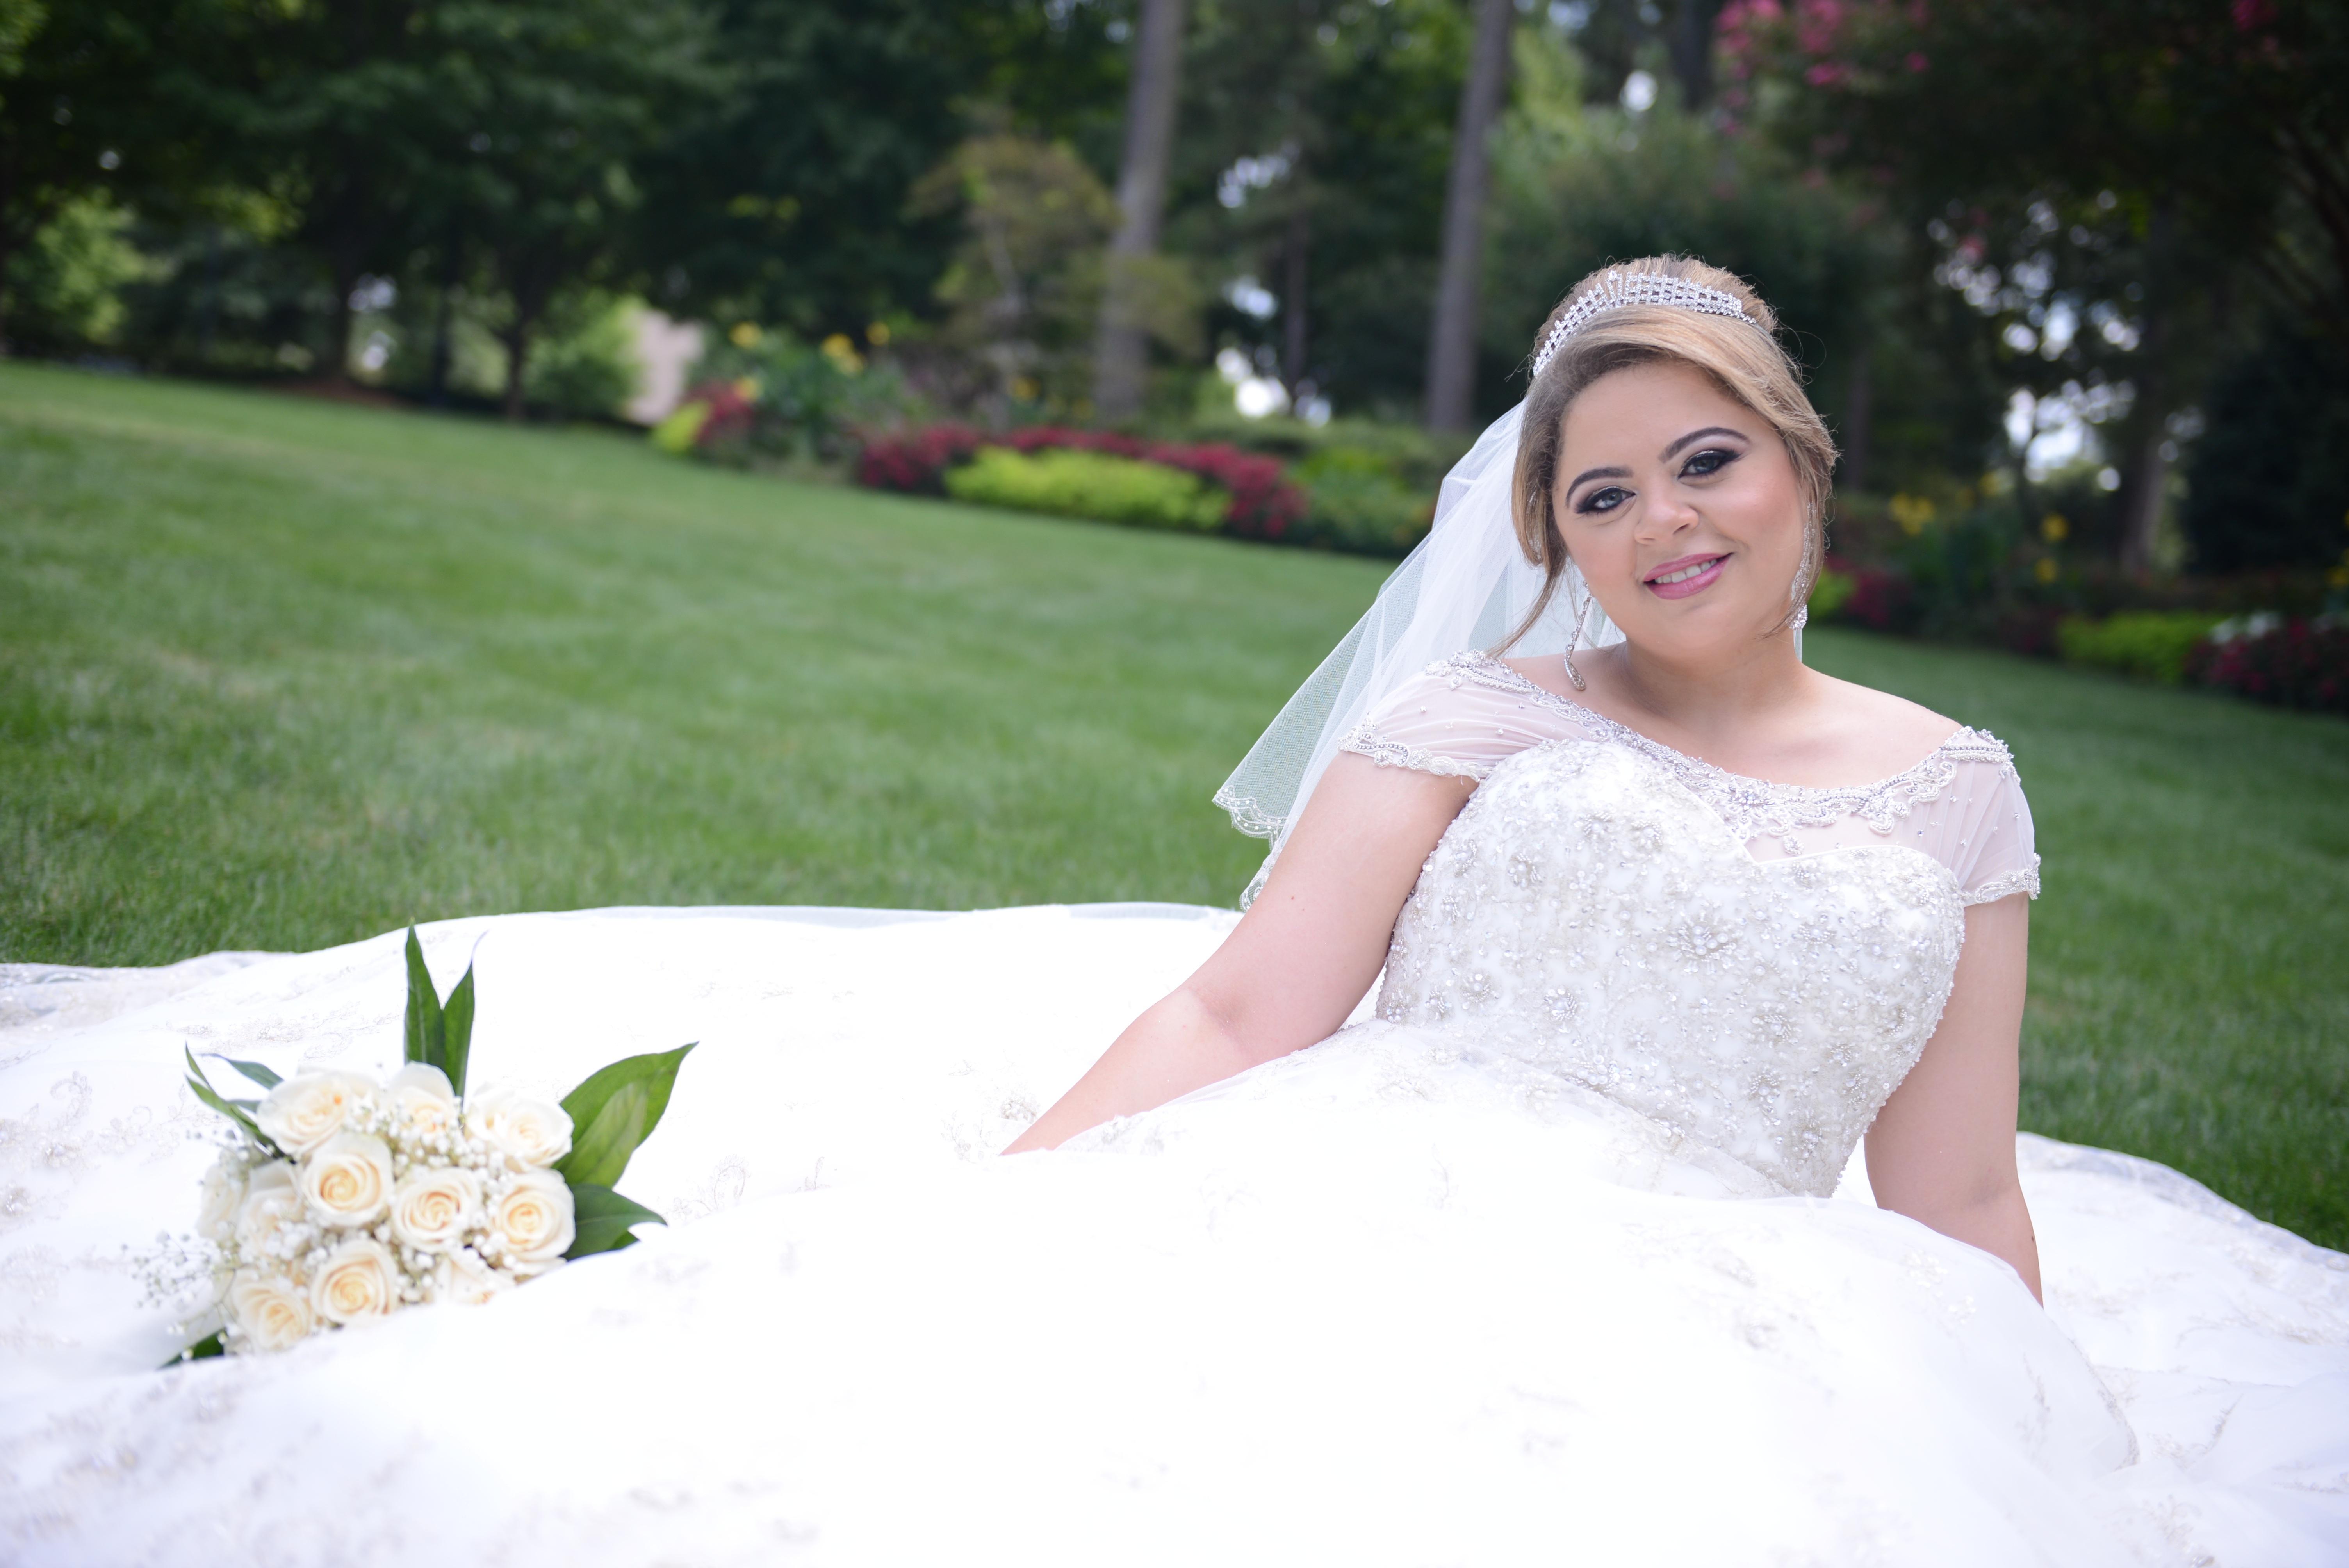 Kostenlose foto : Frau, Fotografie, Hochzeit, Hochzeitskleid, Braut ...